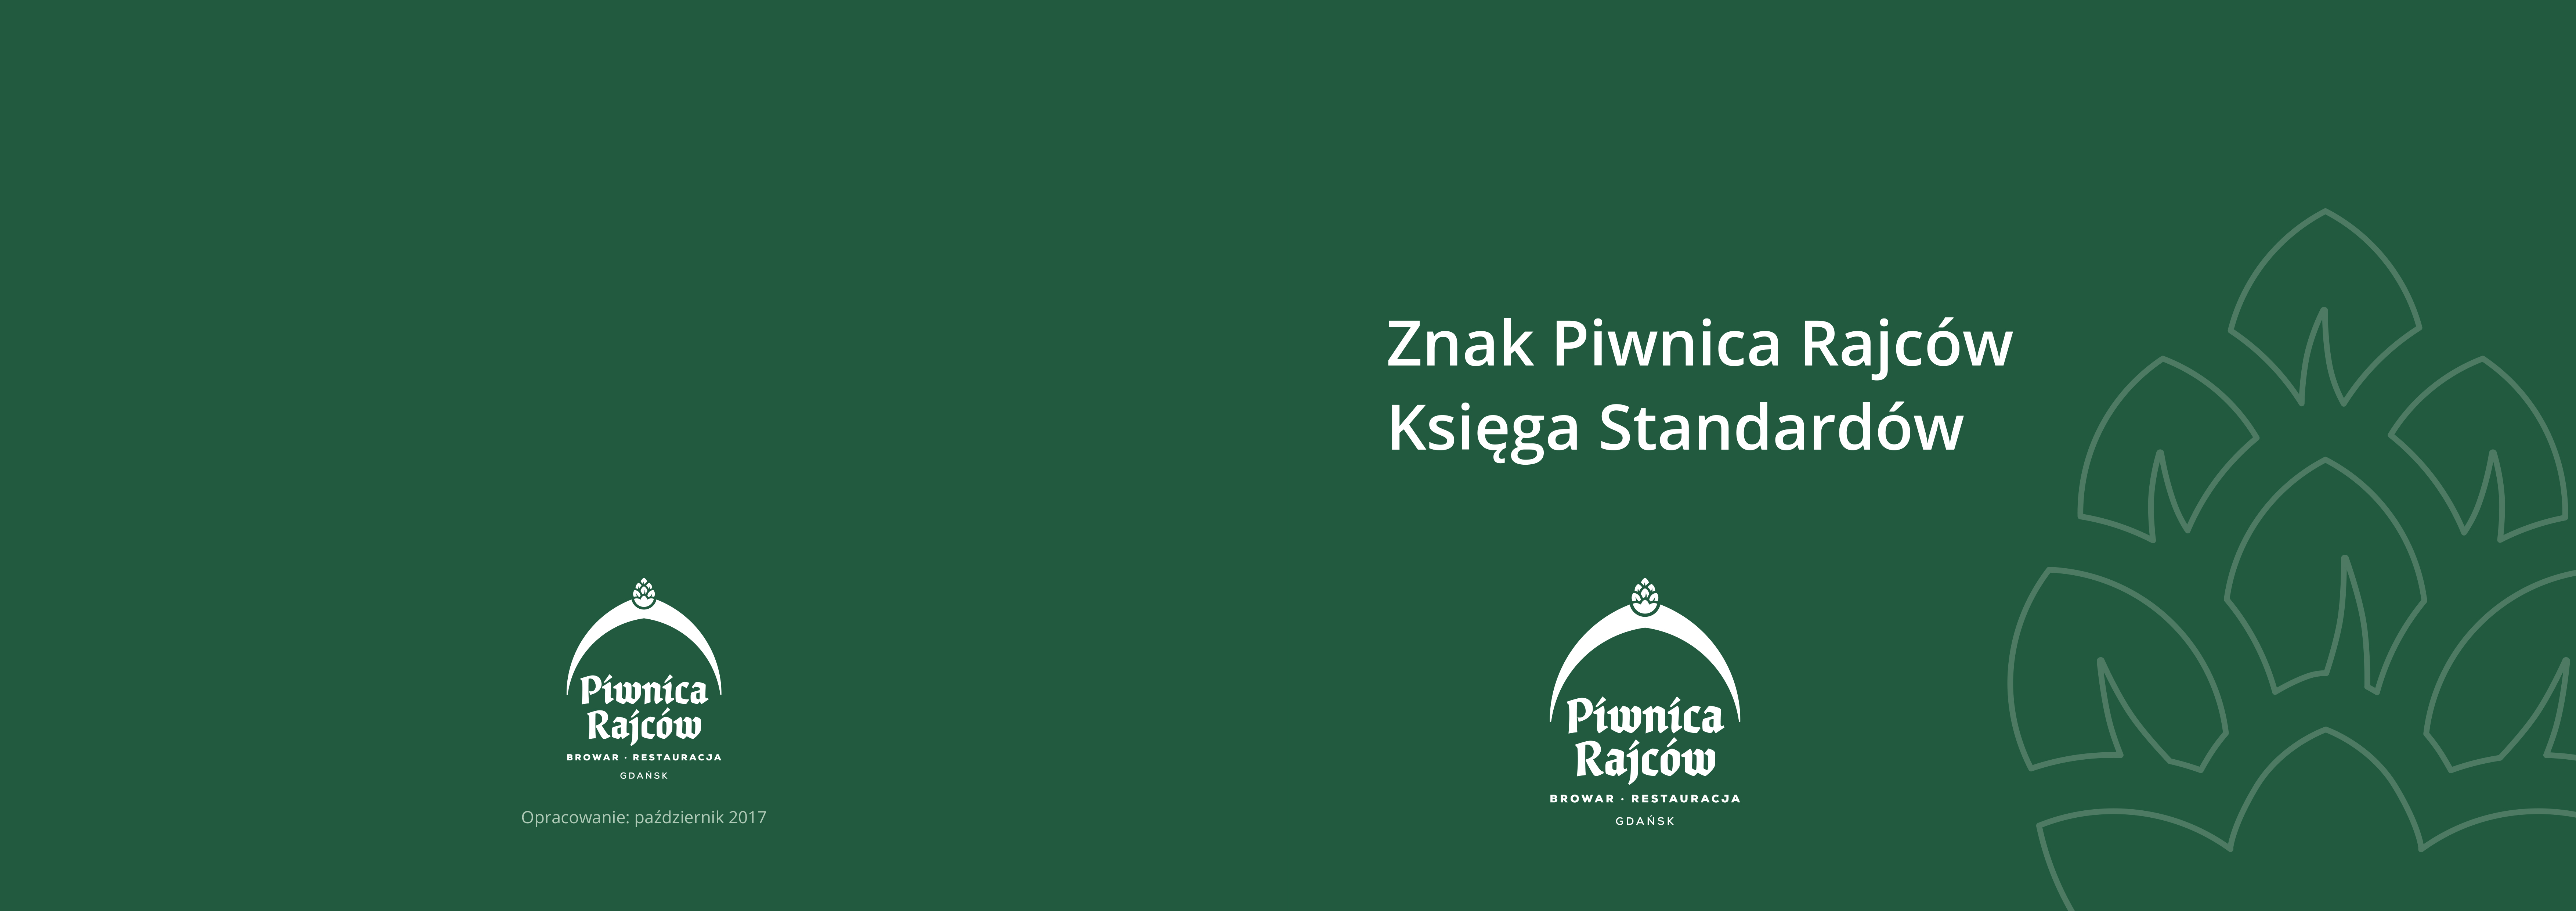 Piwnica_Rajcow_CIa3-1